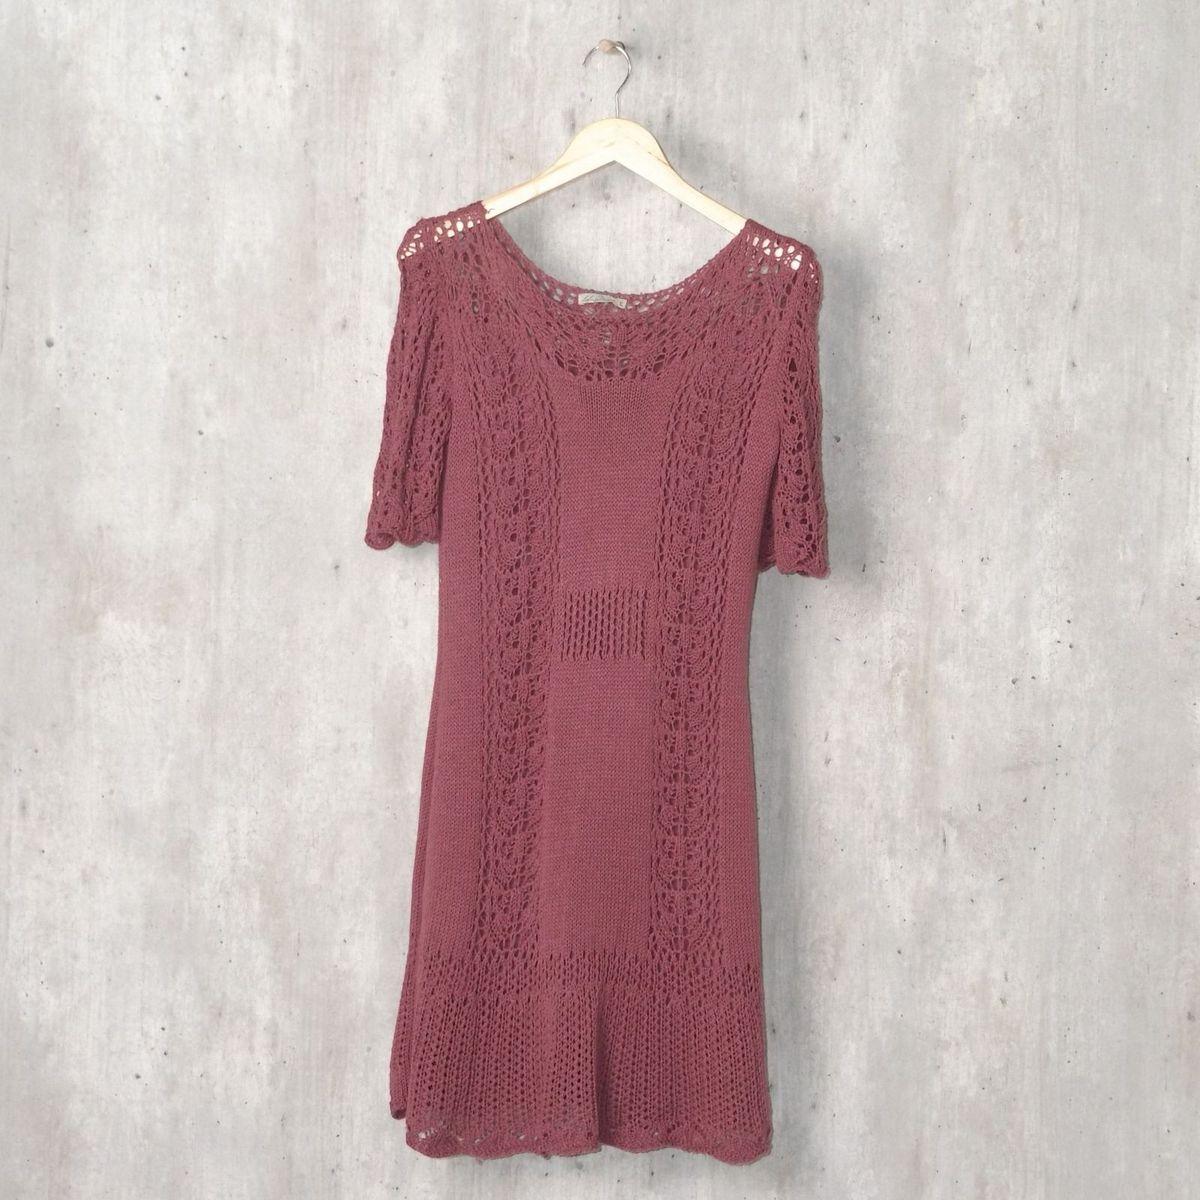 d02f7ace5 Vestido Roxo de Tricô